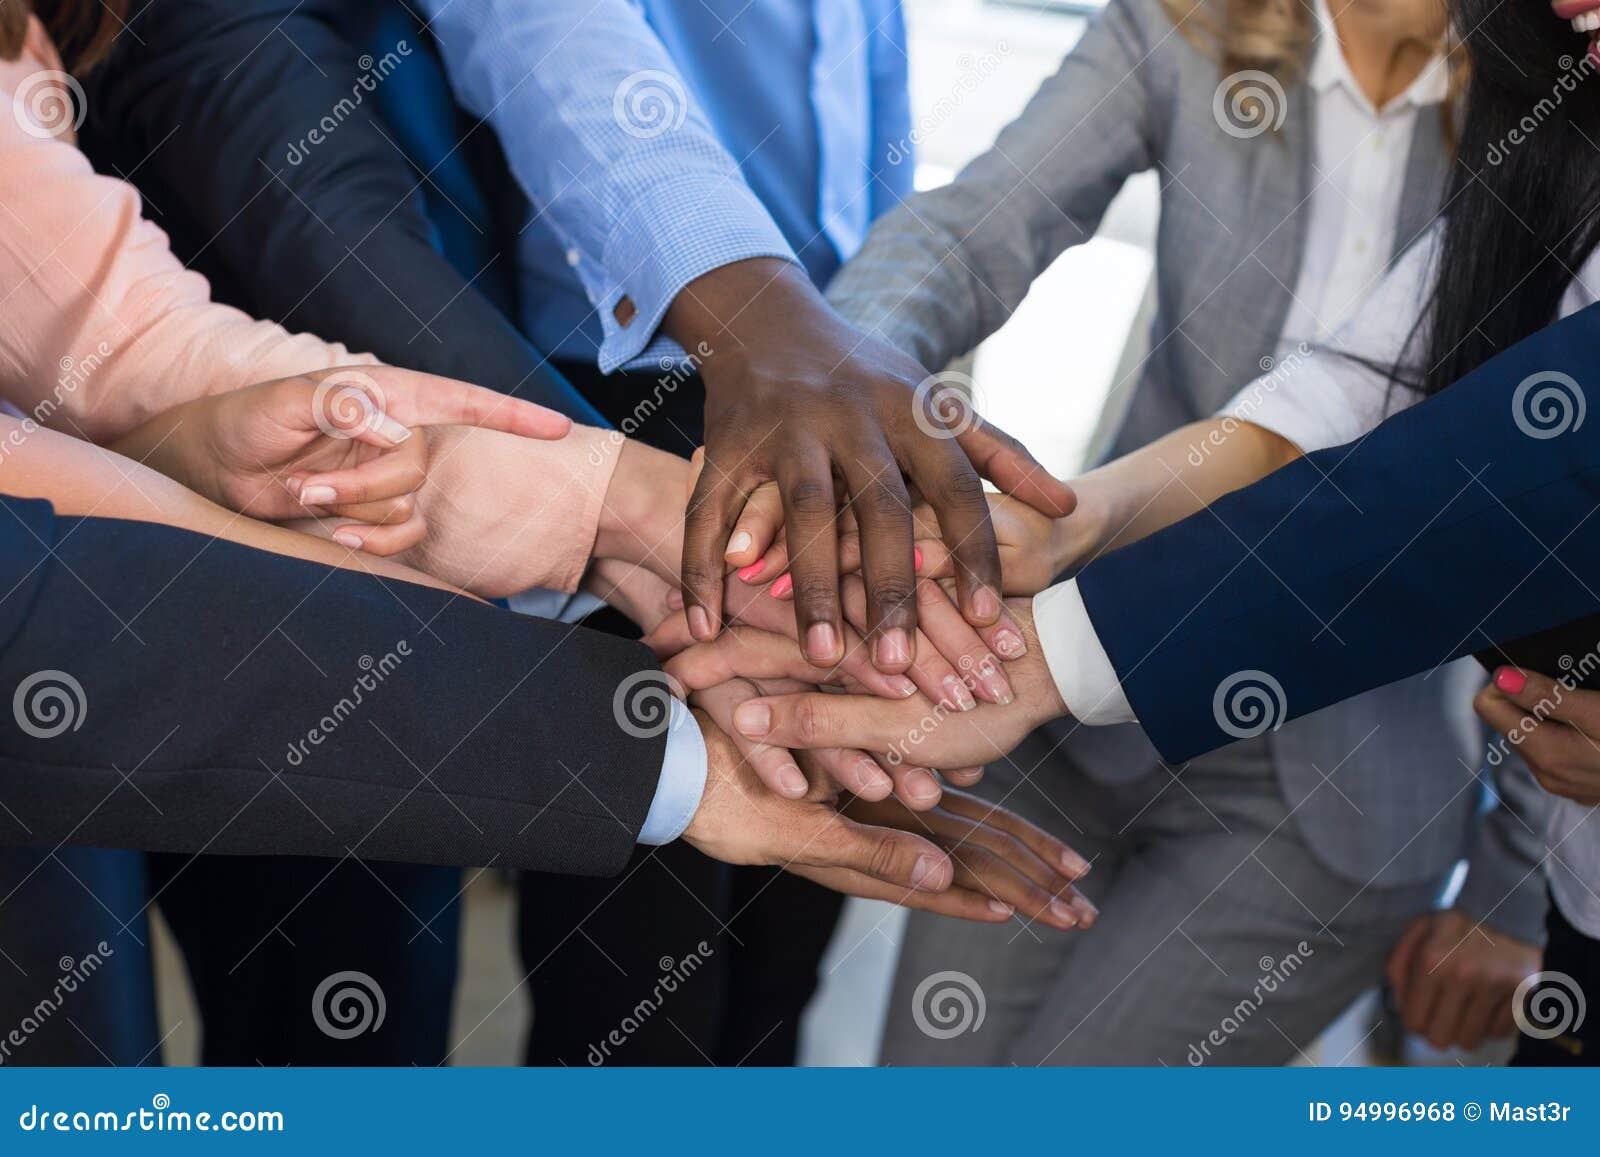 Pila di mani, concetto di lavoro di squadra, gente di affari dei braccia unentesi del gruppo in mucchio, diverso Team Of Business